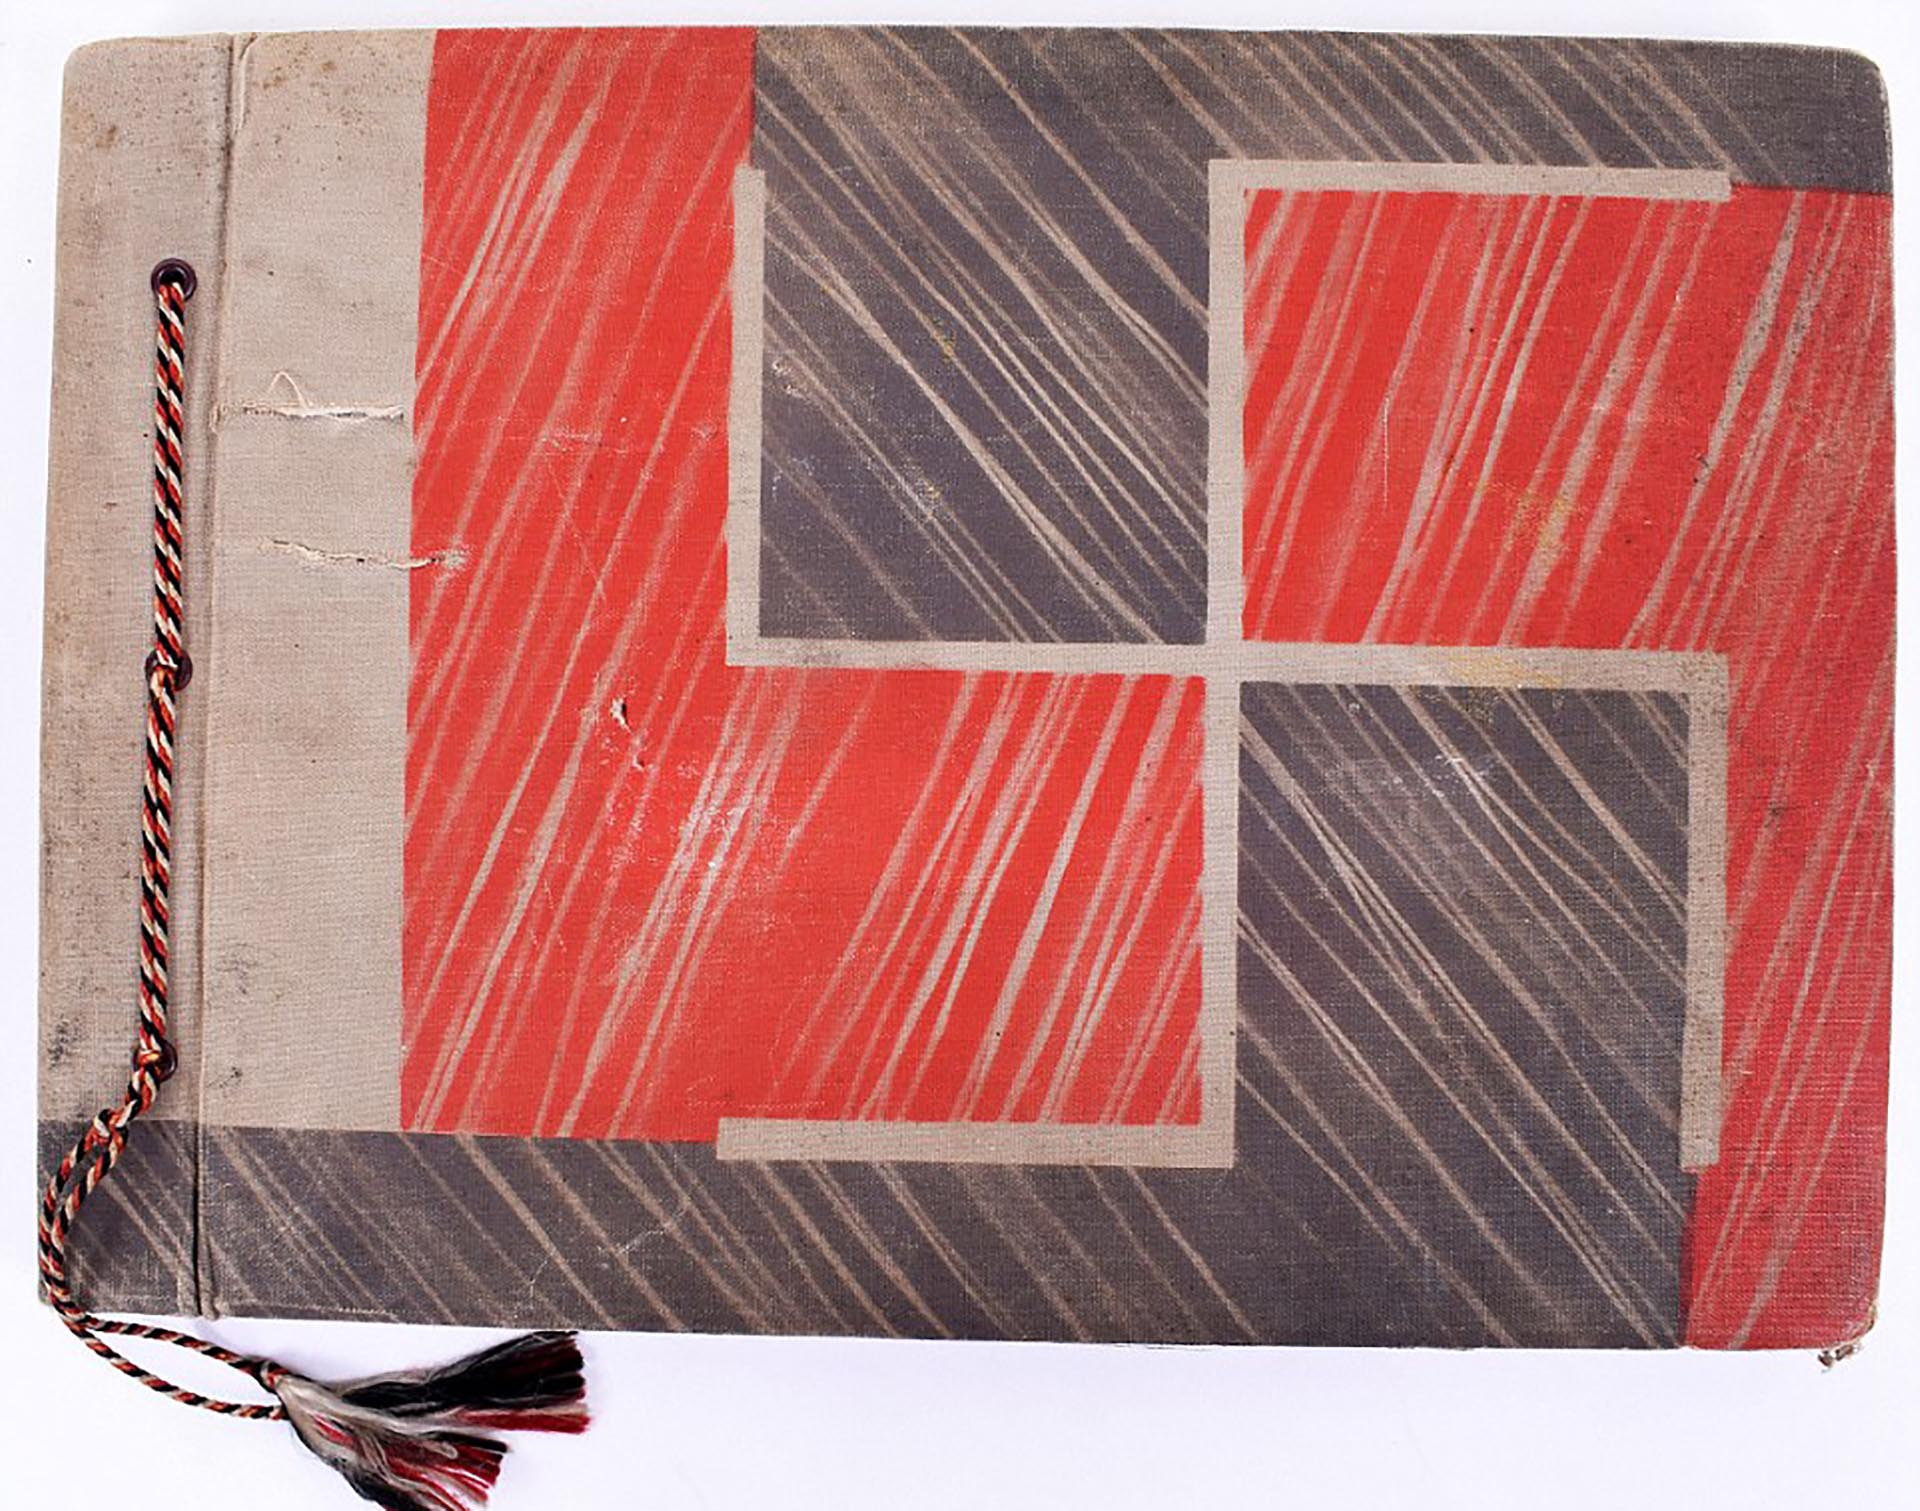 La portada del álbum fotográfico de Eva Braun es elocuente: una cruz esvástica lo decora en su totalidad (C&T Auctions/BNPS)